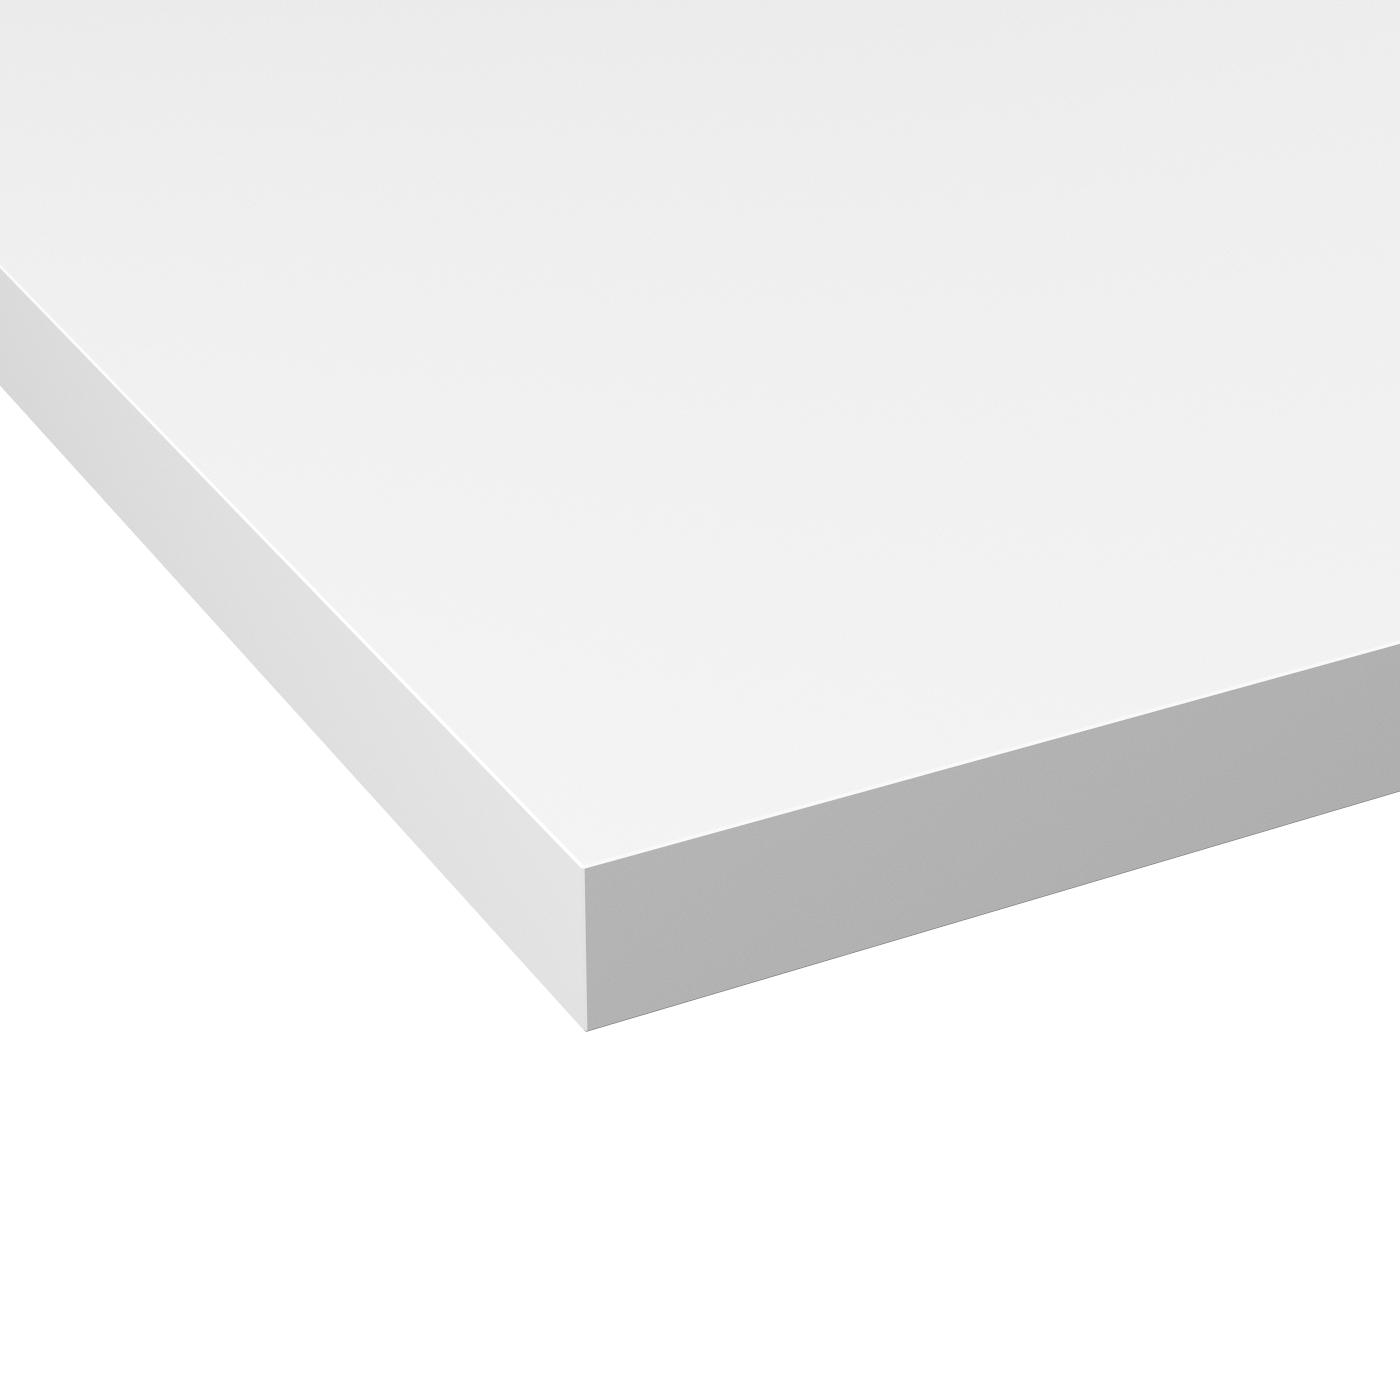 Micro Rayure Plan De Travail Stratifié plan de travail de cuisine n°119 décor blanc mat fenix ntm ® stratifié,  chant coordonné, l204 x l62 x e3.8 cm, planeko